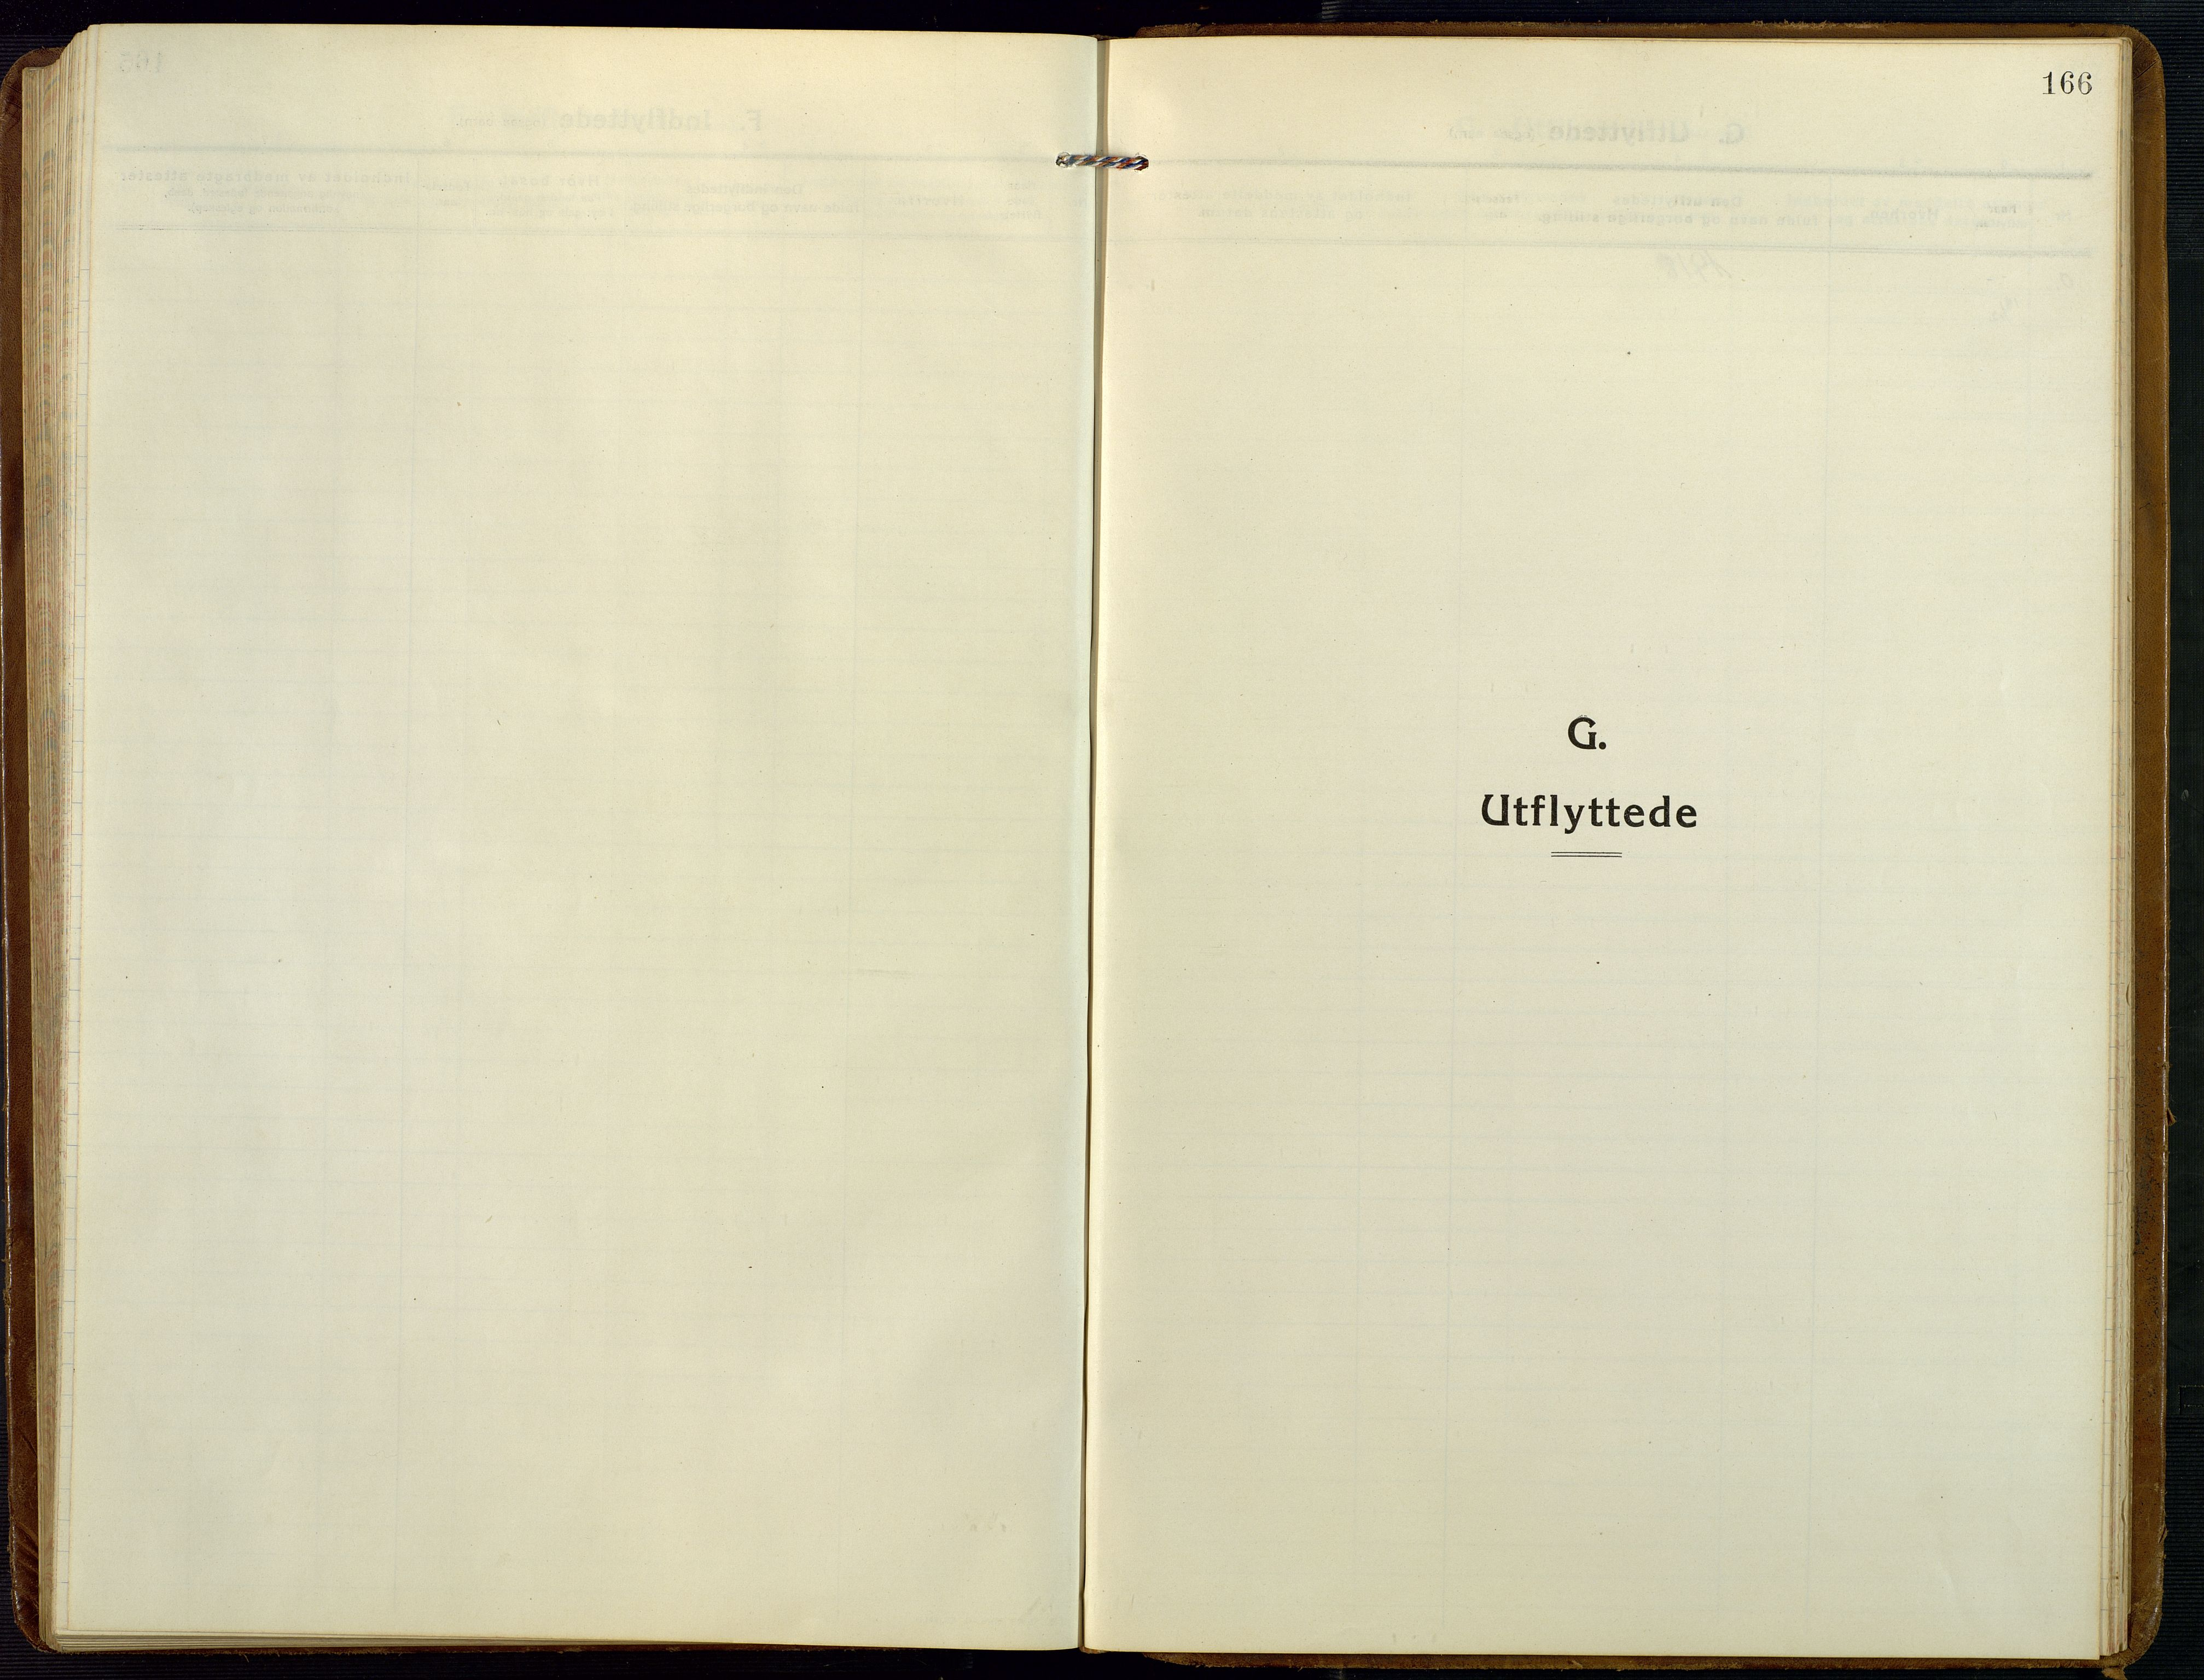 SAK, Åmli sokneprestkontor, F/Fb/Fba/L0003: Klokkerbok nr. B 3, 1912-1974, s. 166